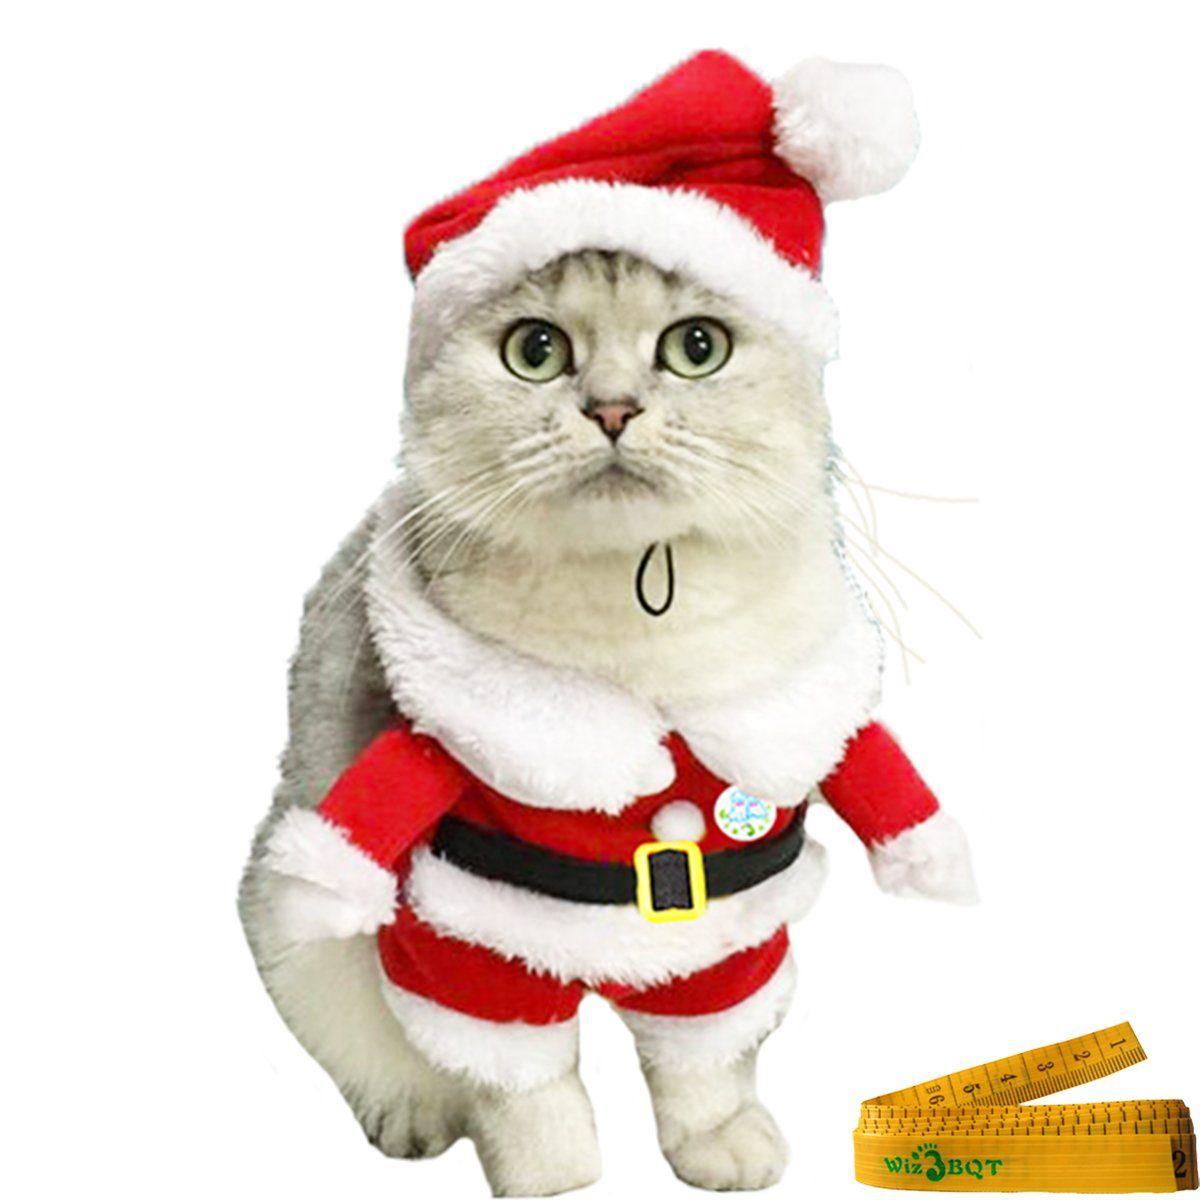 Pet Dog Cat Christmas Costume Clothes Santa Claus Suit With A Cap